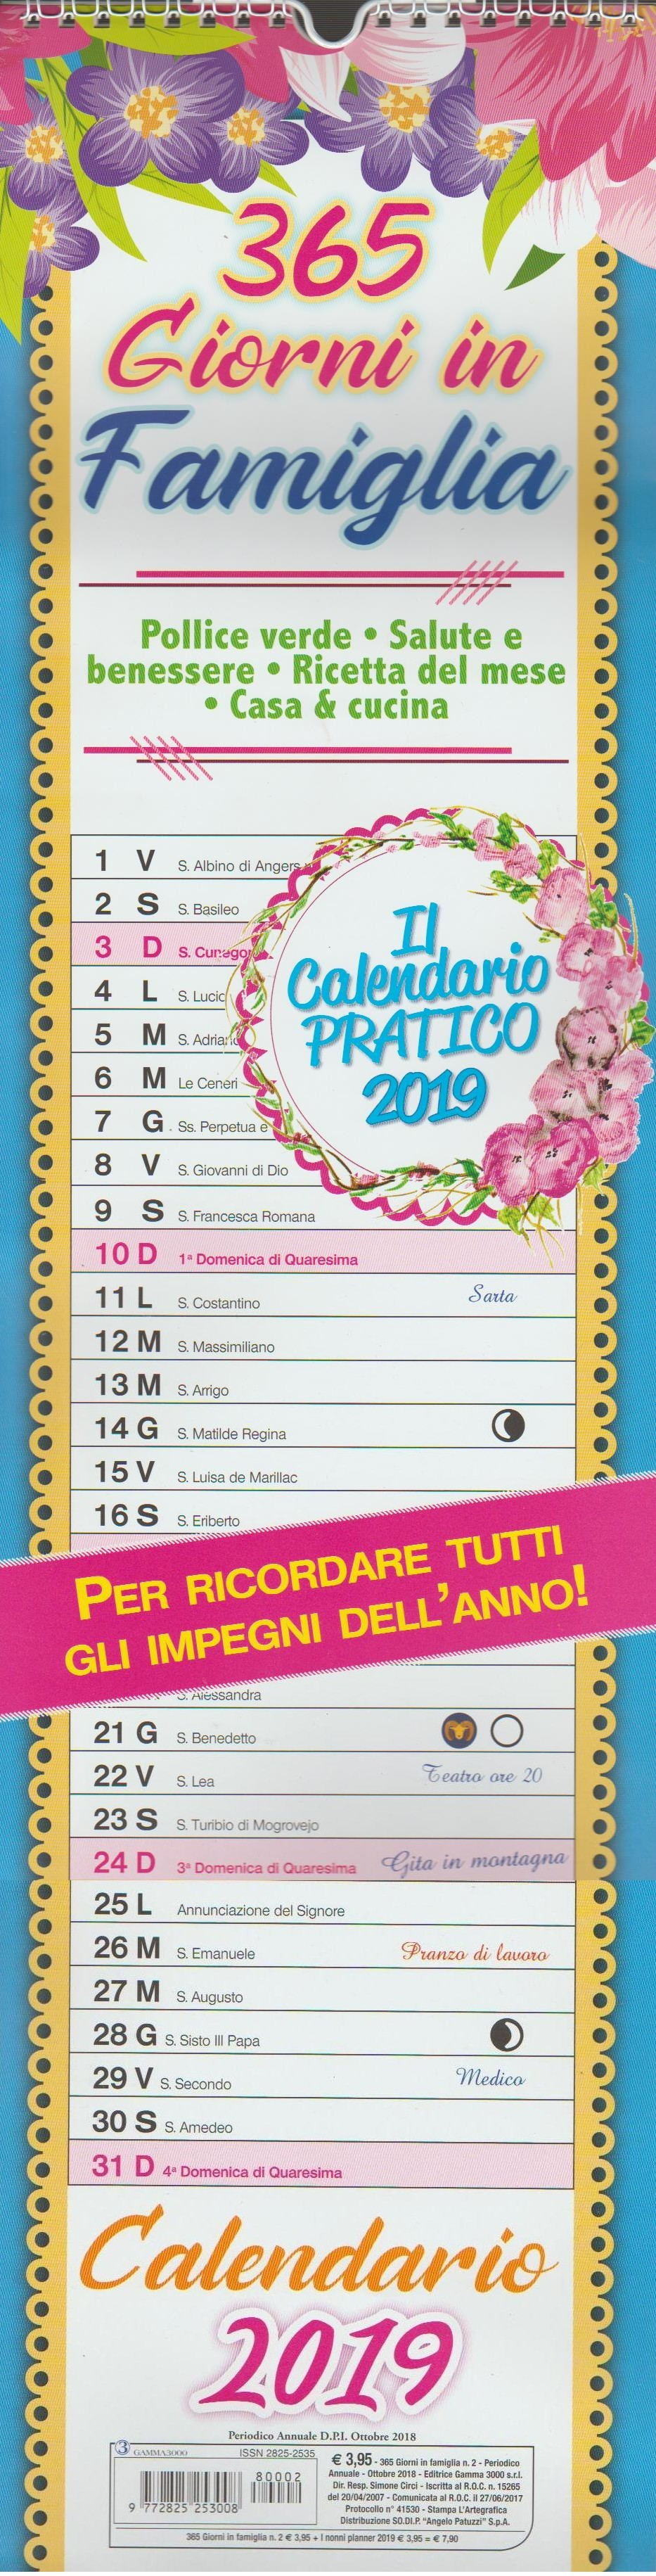 Calendario 365.Calendario 365 Giorni In Famiglia 2018 Cm 16 X 62 C Spirale